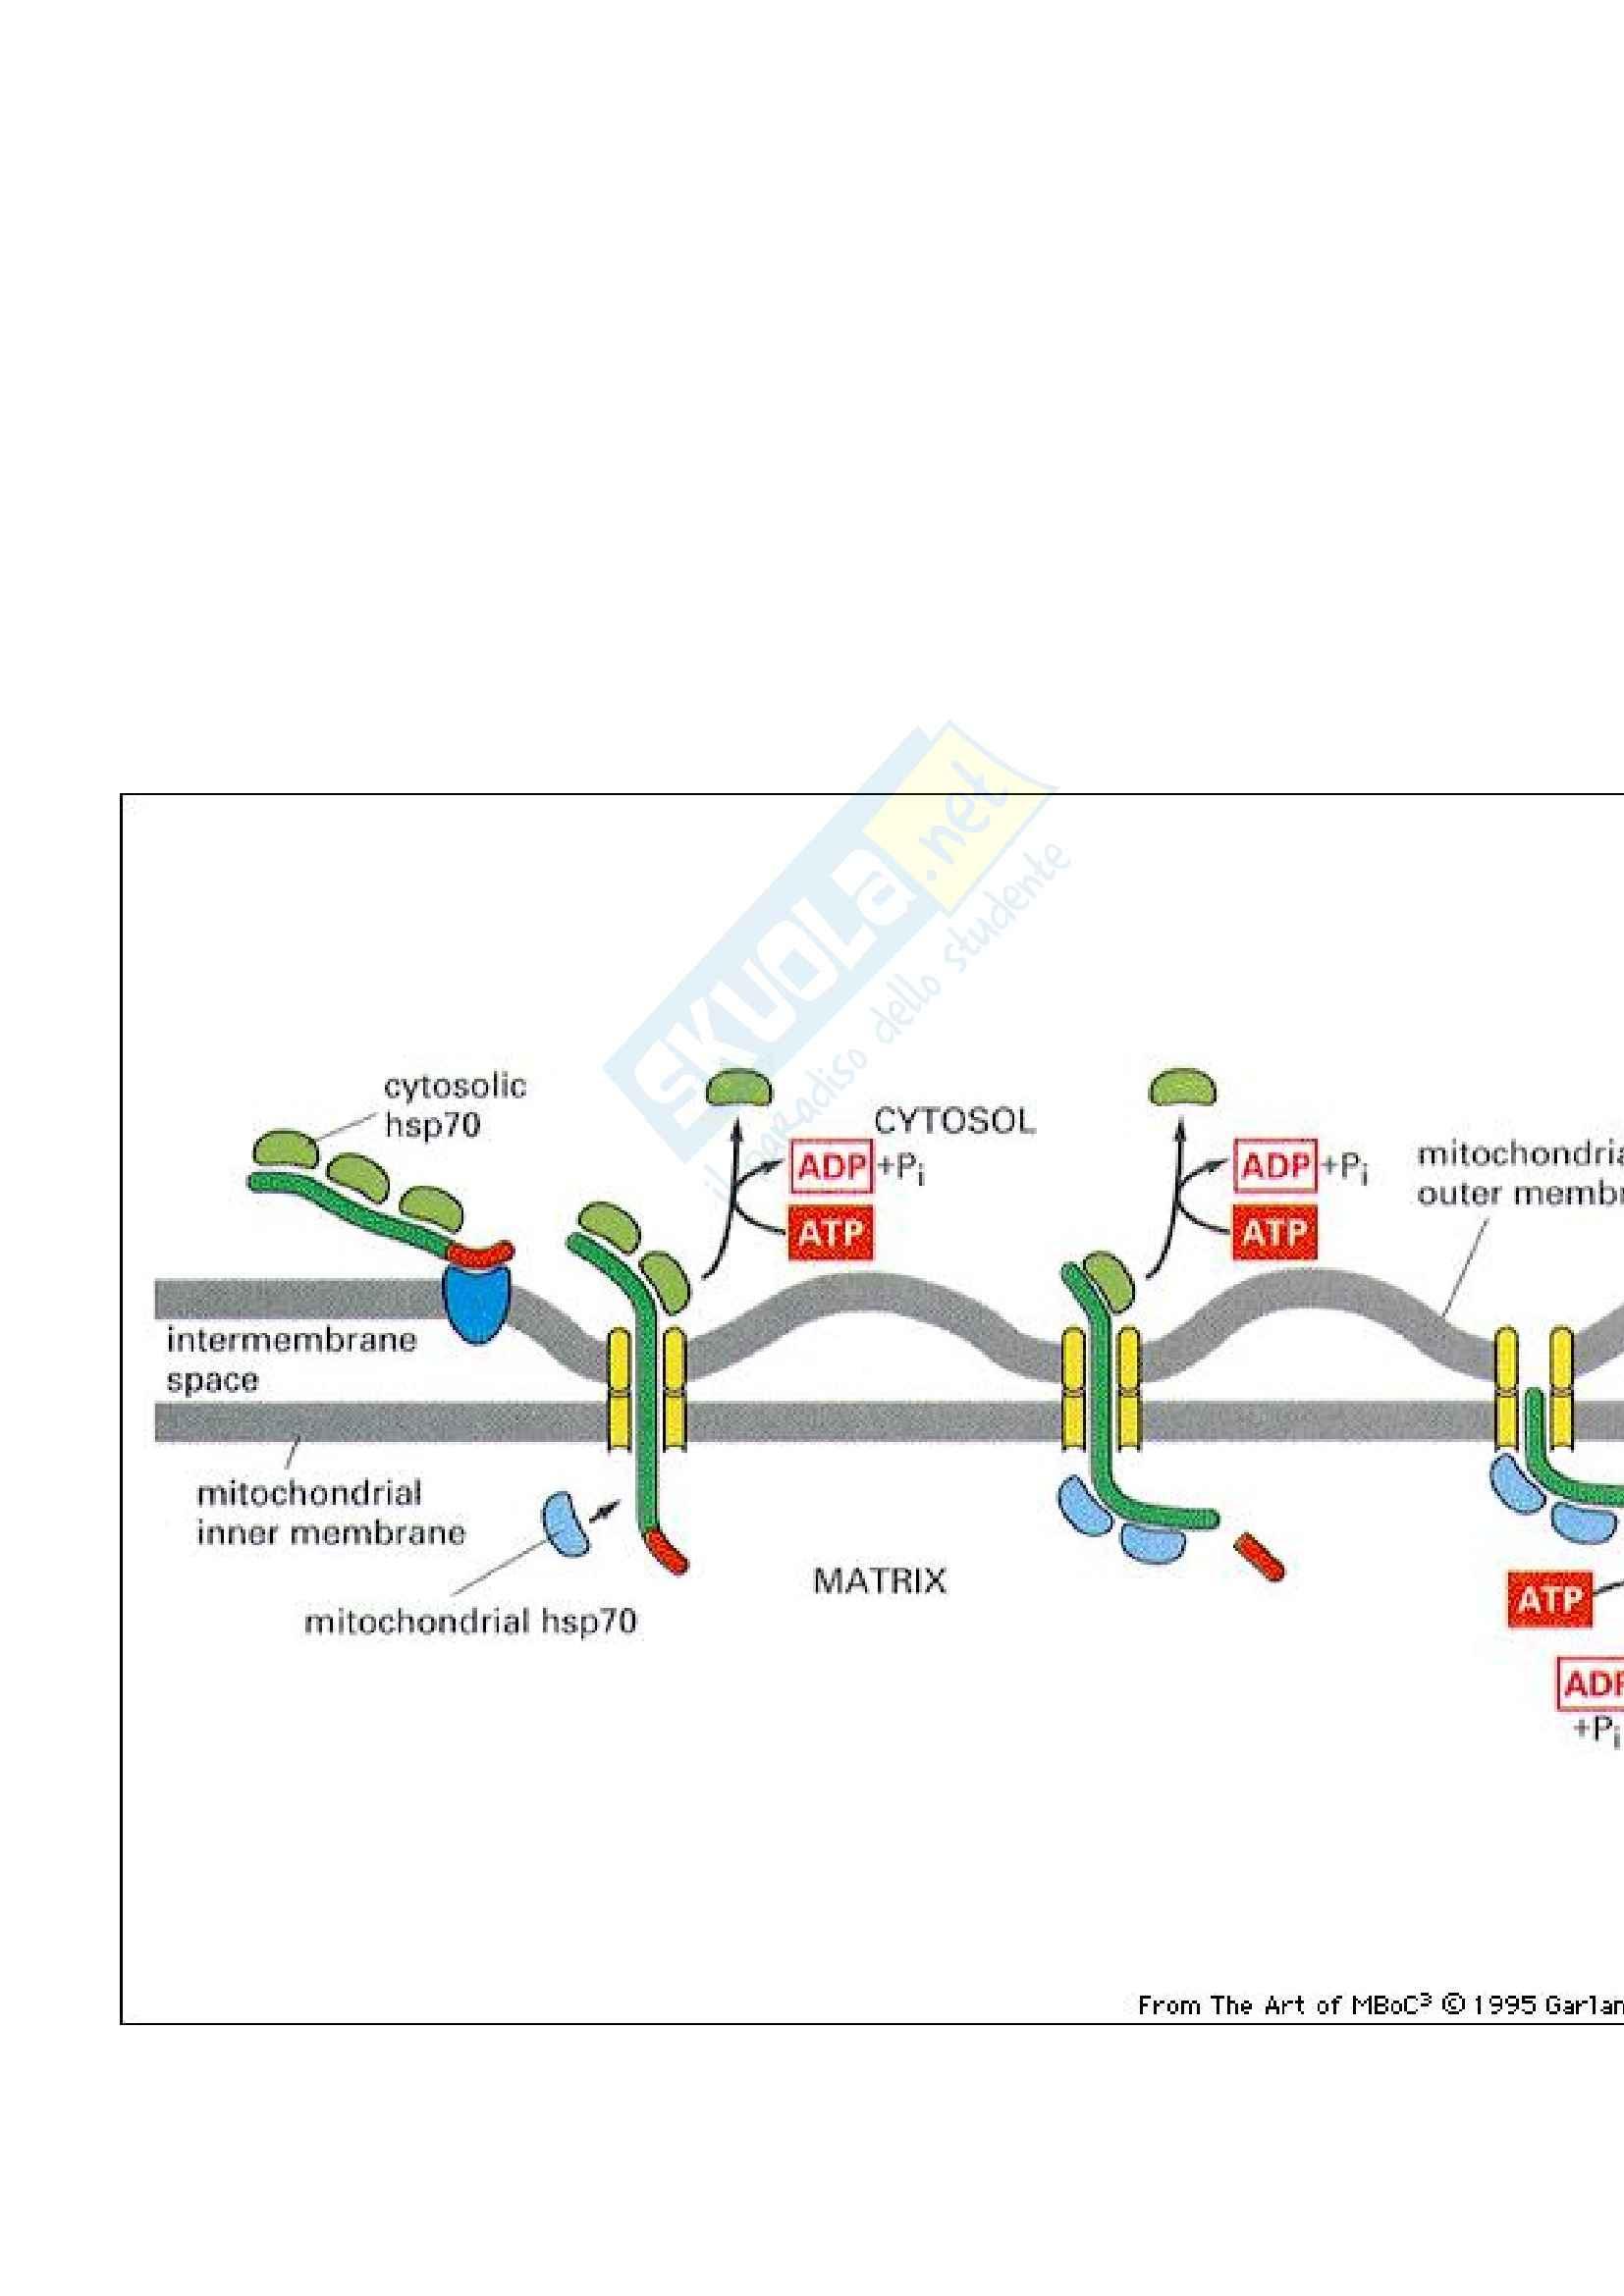 Biologia cellulare - sintesi e smistamento delle proteine Pag. 21